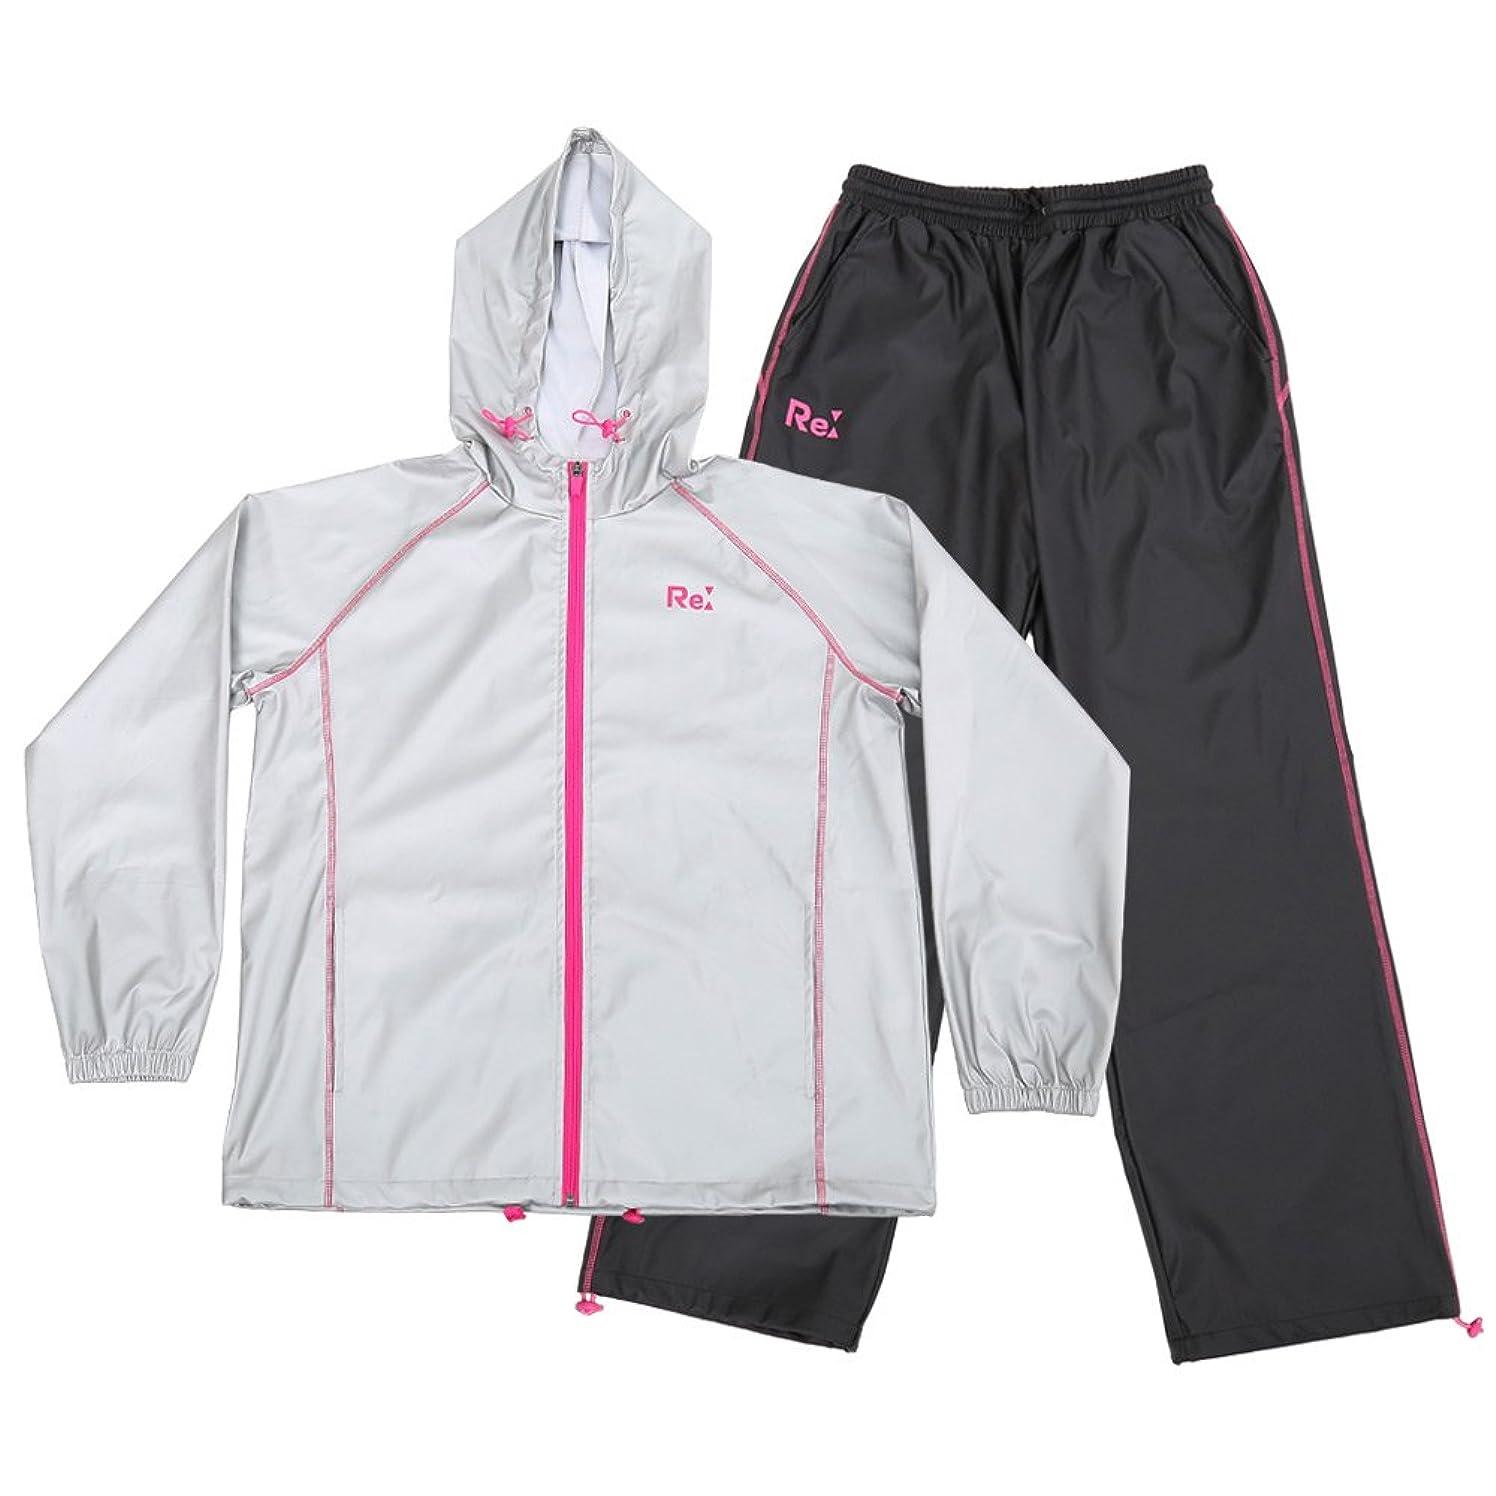 軍対応する量I-select サウナスーツ 激やせ 脂肪燃焼 サポート 代謝アップ 大量発汗 減量 ダイエットウェア M